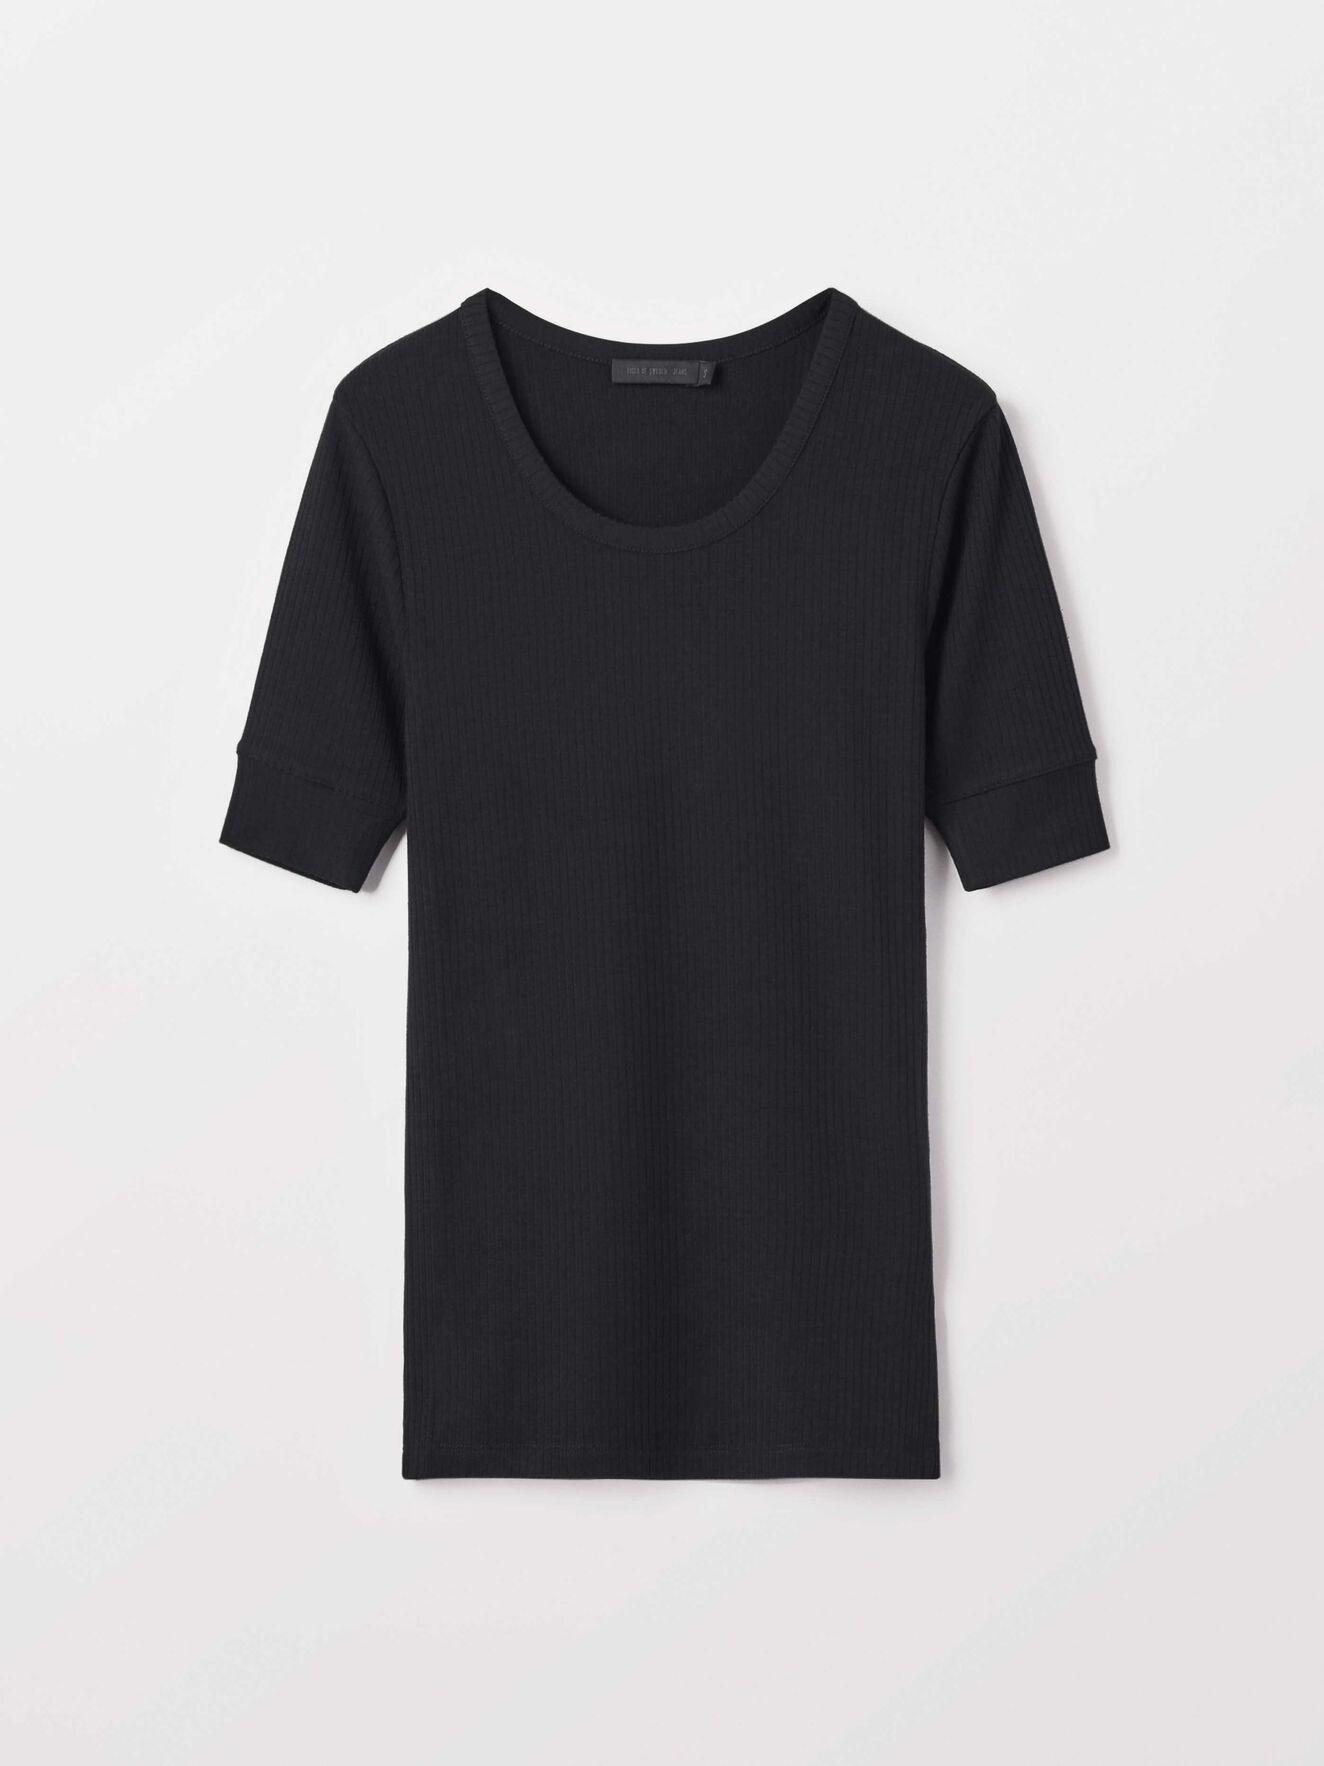 Violent T-Shirt in Black from Tiger of Sweden